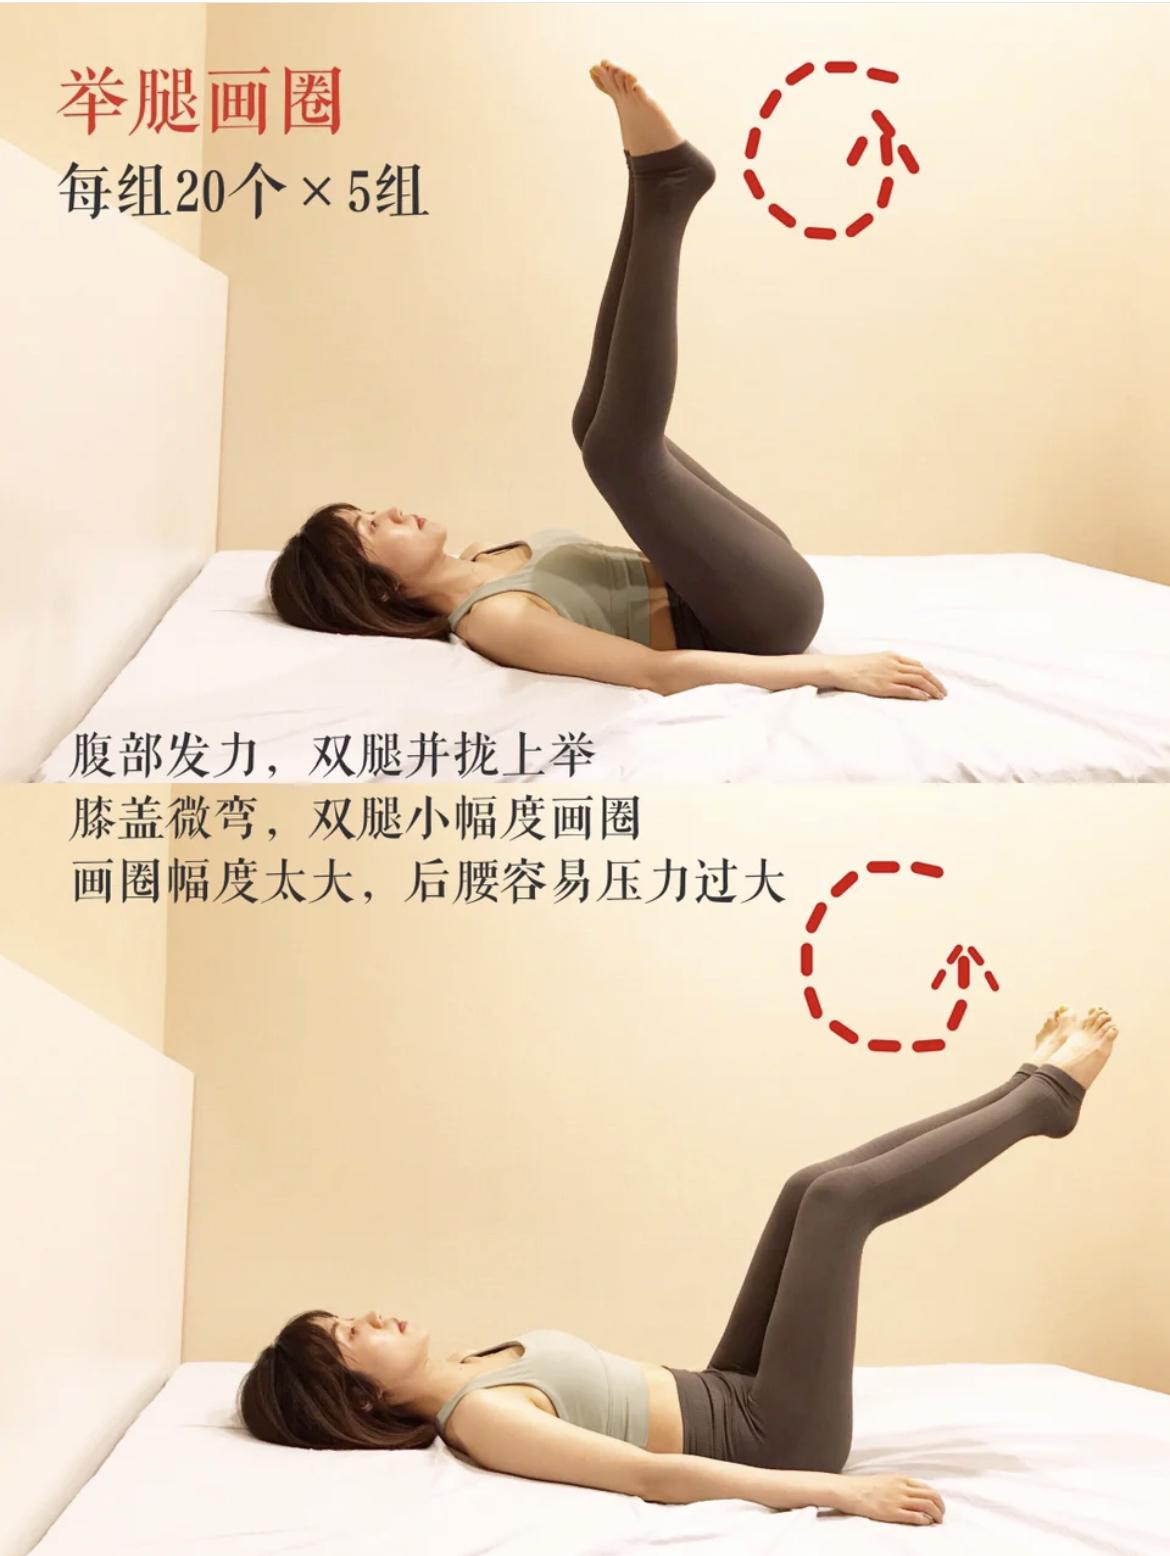 動作三 舉腿畫圈。